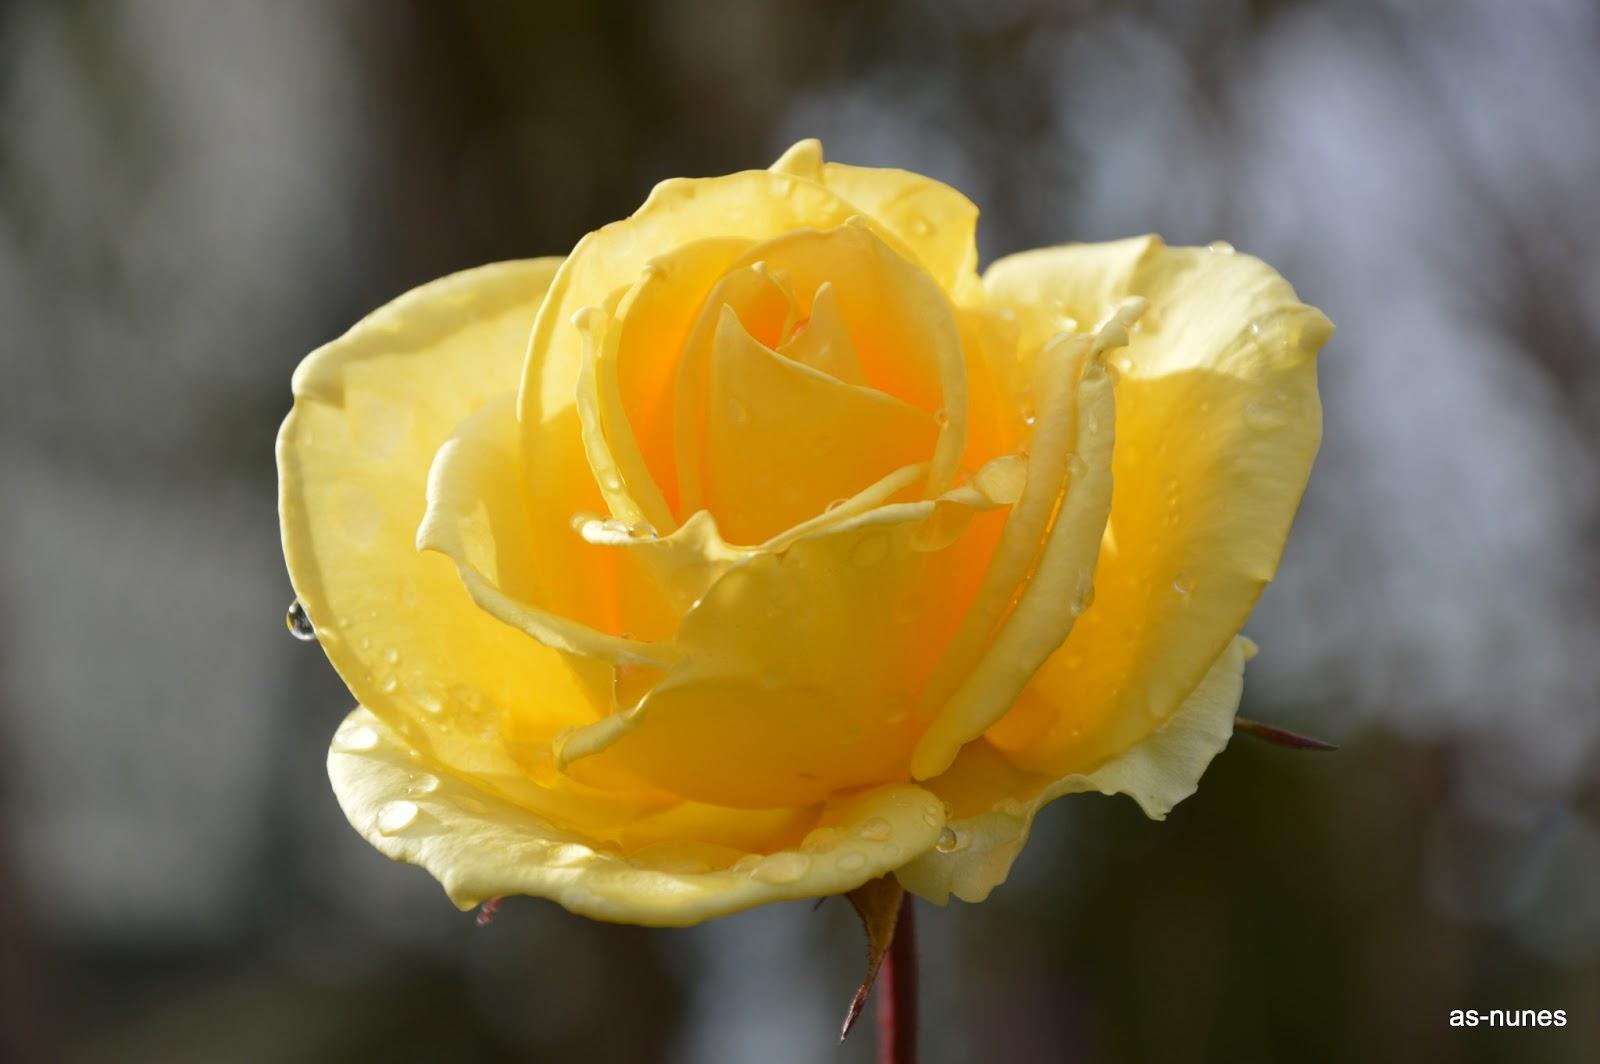 jardim rosas amarelas : jardim rosas amarelas:Todos os anos floresce num local recôndito do jardim, como que a